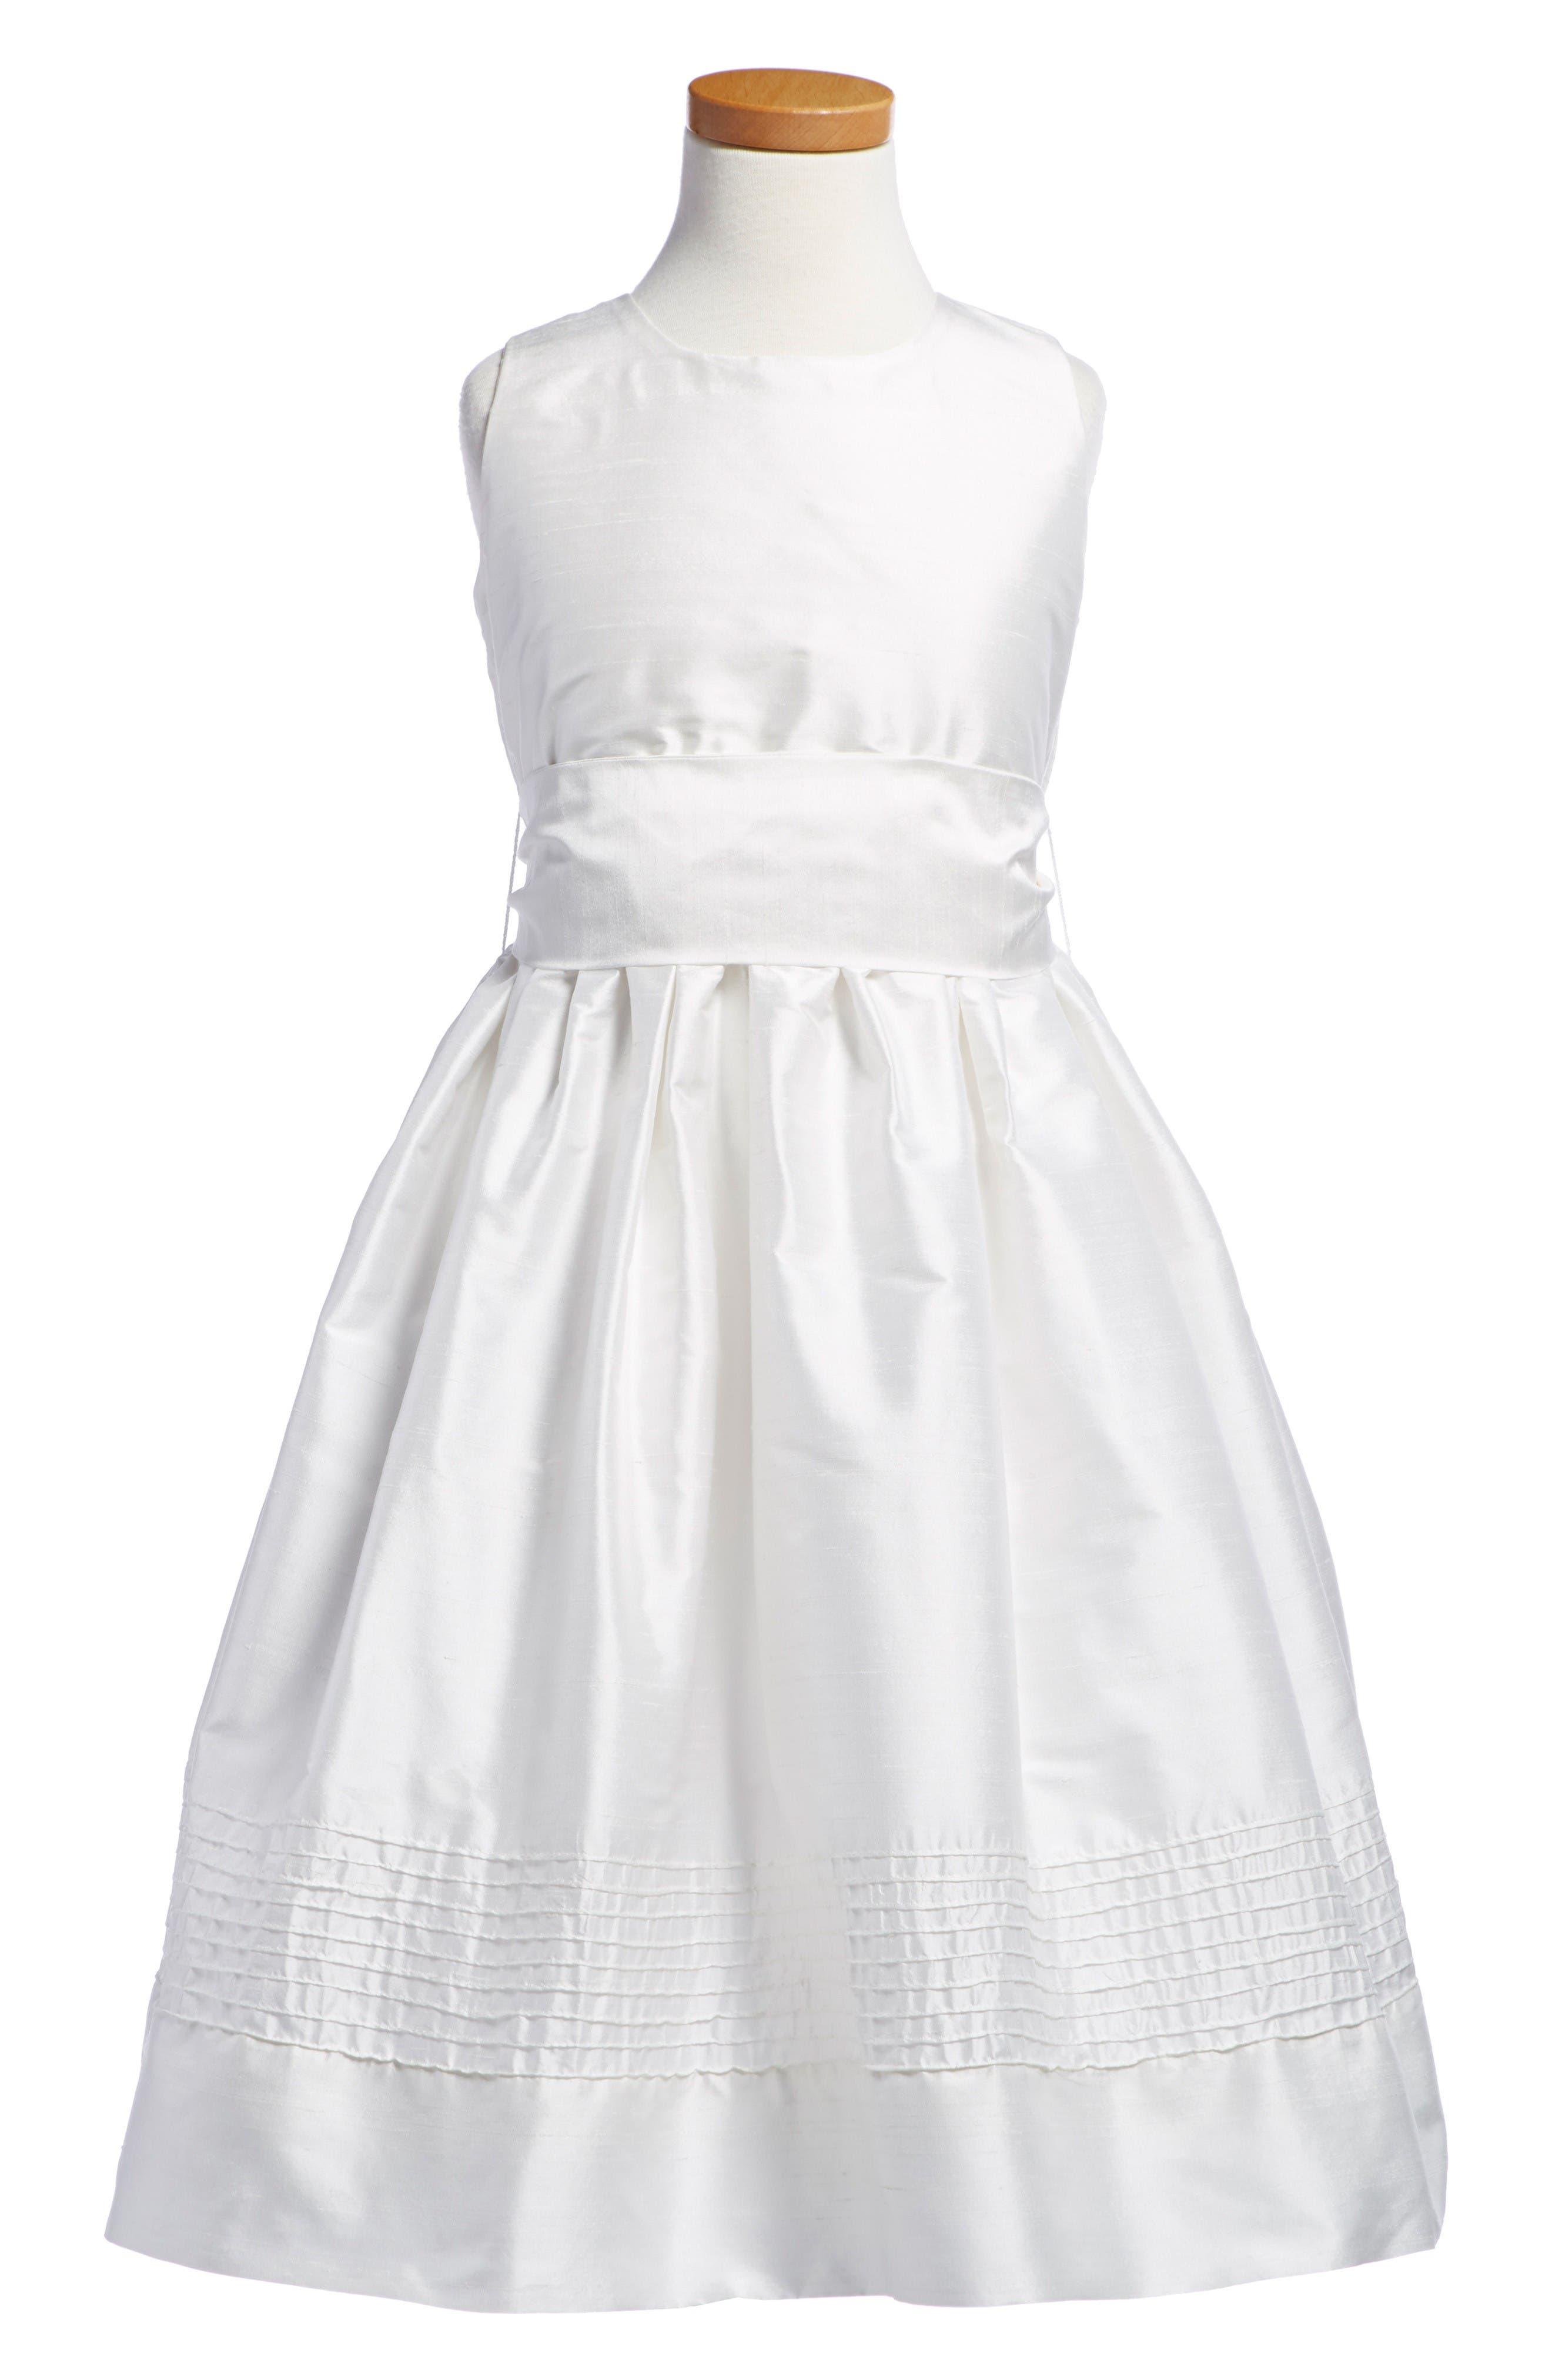 Main Image - Isabel Garreton Timeless Silk Dress (Baby Girls)